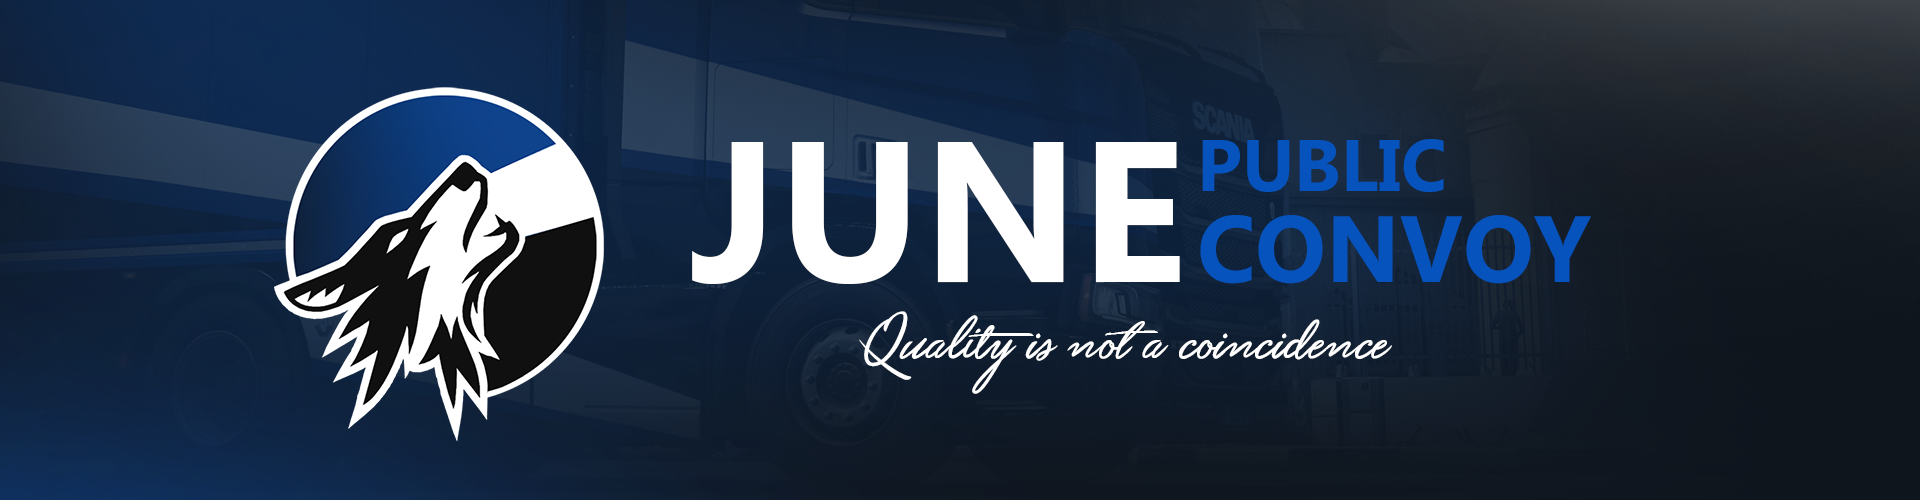 GökBörü™ June Convoy